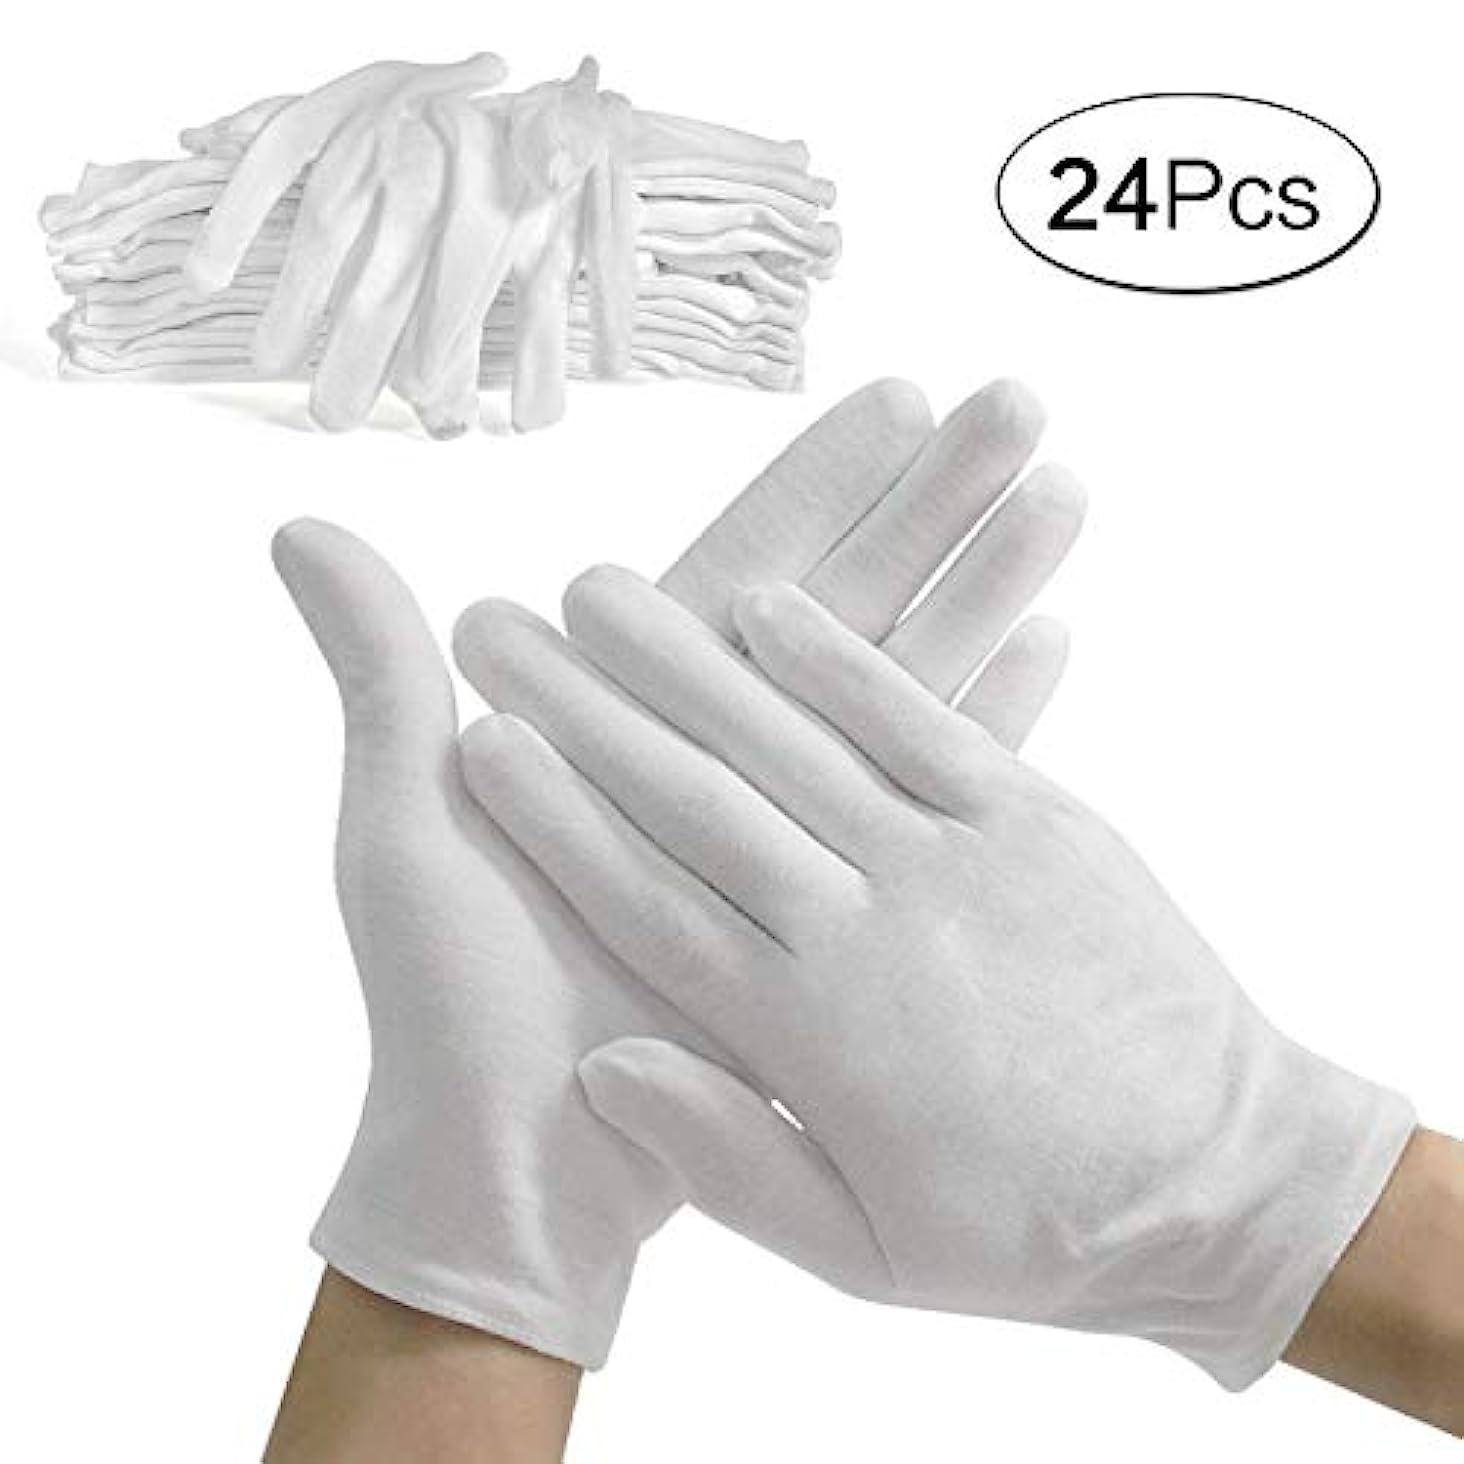 休暇分離する忠誠コットン手袋 綿手袋 手荒れ 純綿100% 使い捨て 白手袋 薄手 手袋 レディース 12双組 白 M